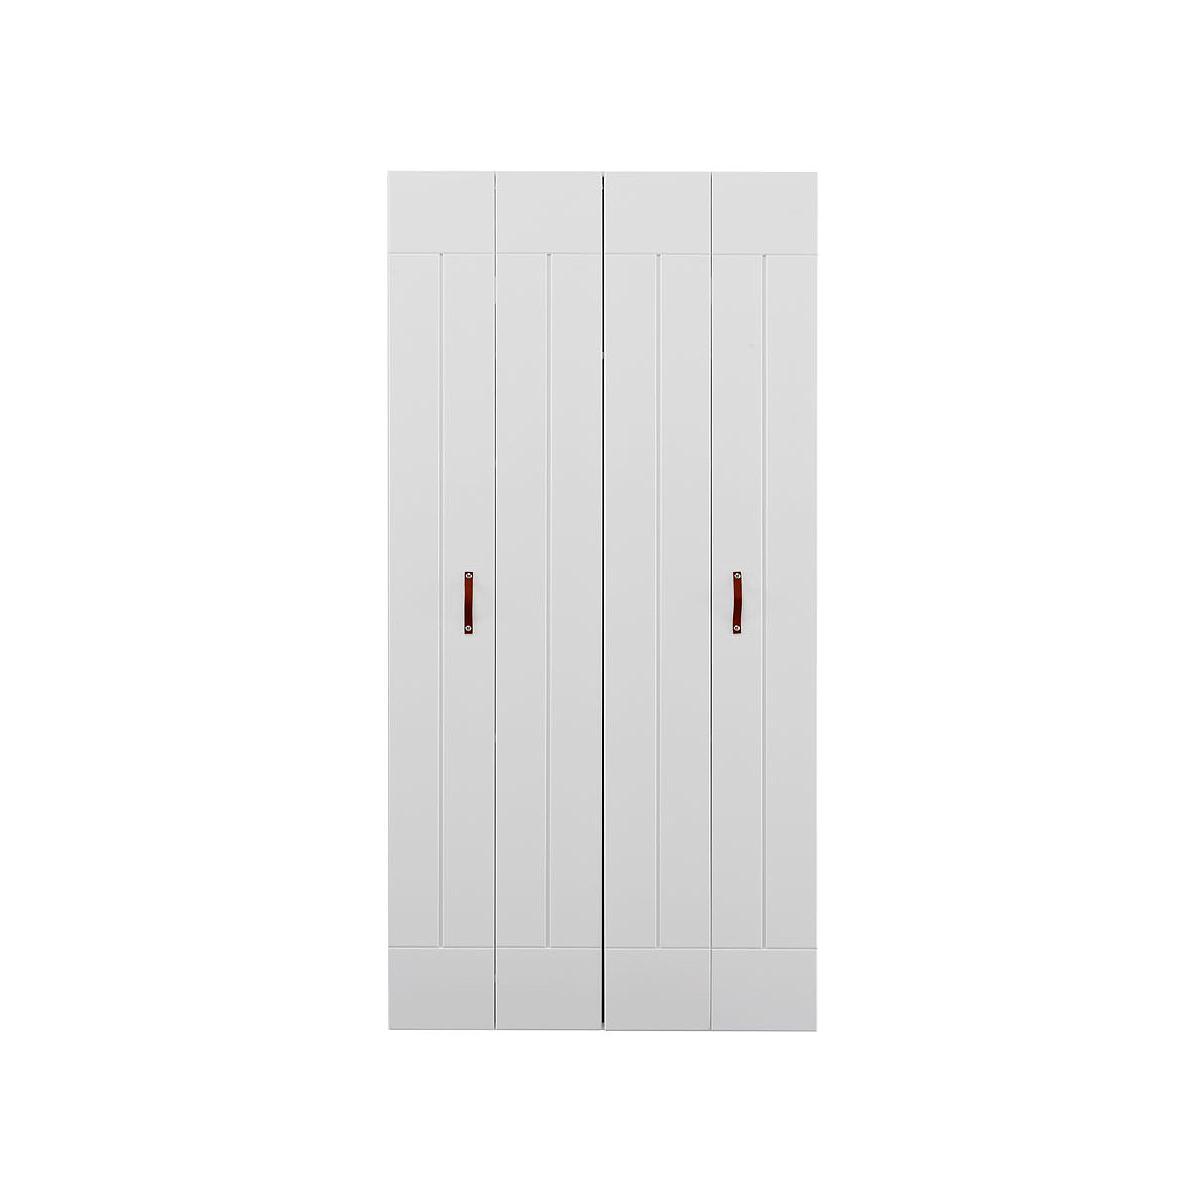 Armoire 2 portes accordéon 100cm Lifetime blanc-poignées cuir